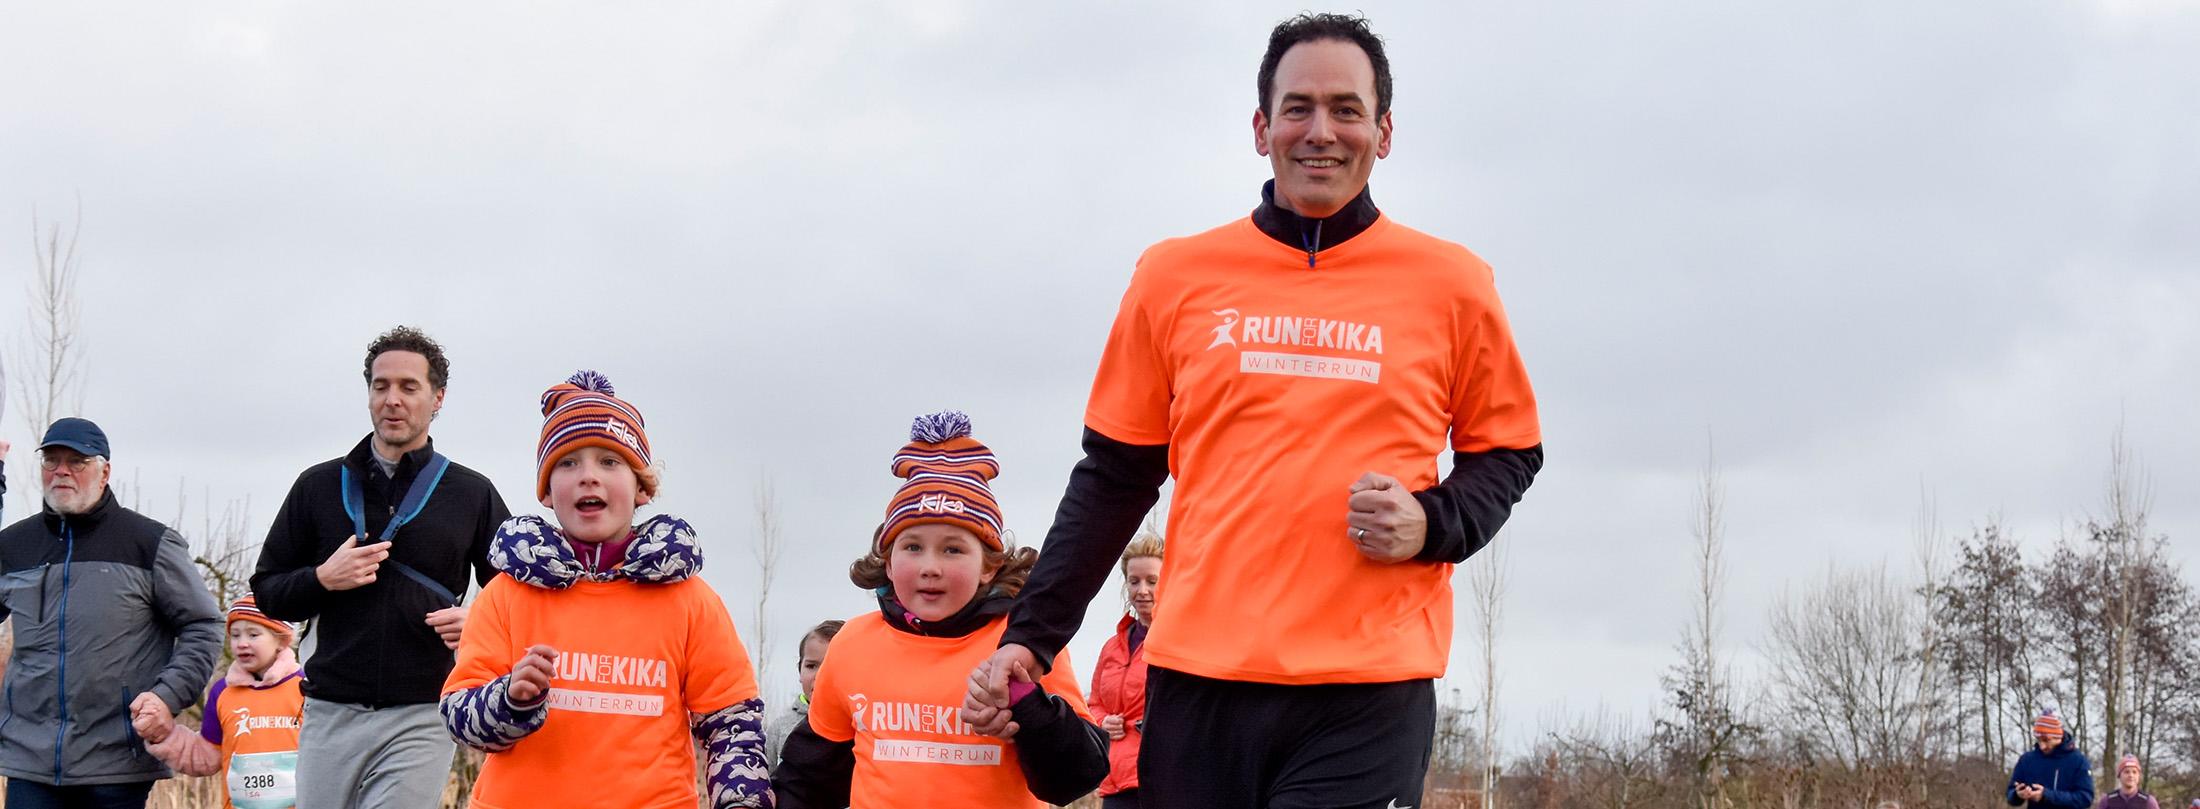 Hardlopers van alle leeftijden lopen voor het goede doel bij de Run for KiKa Winterrun